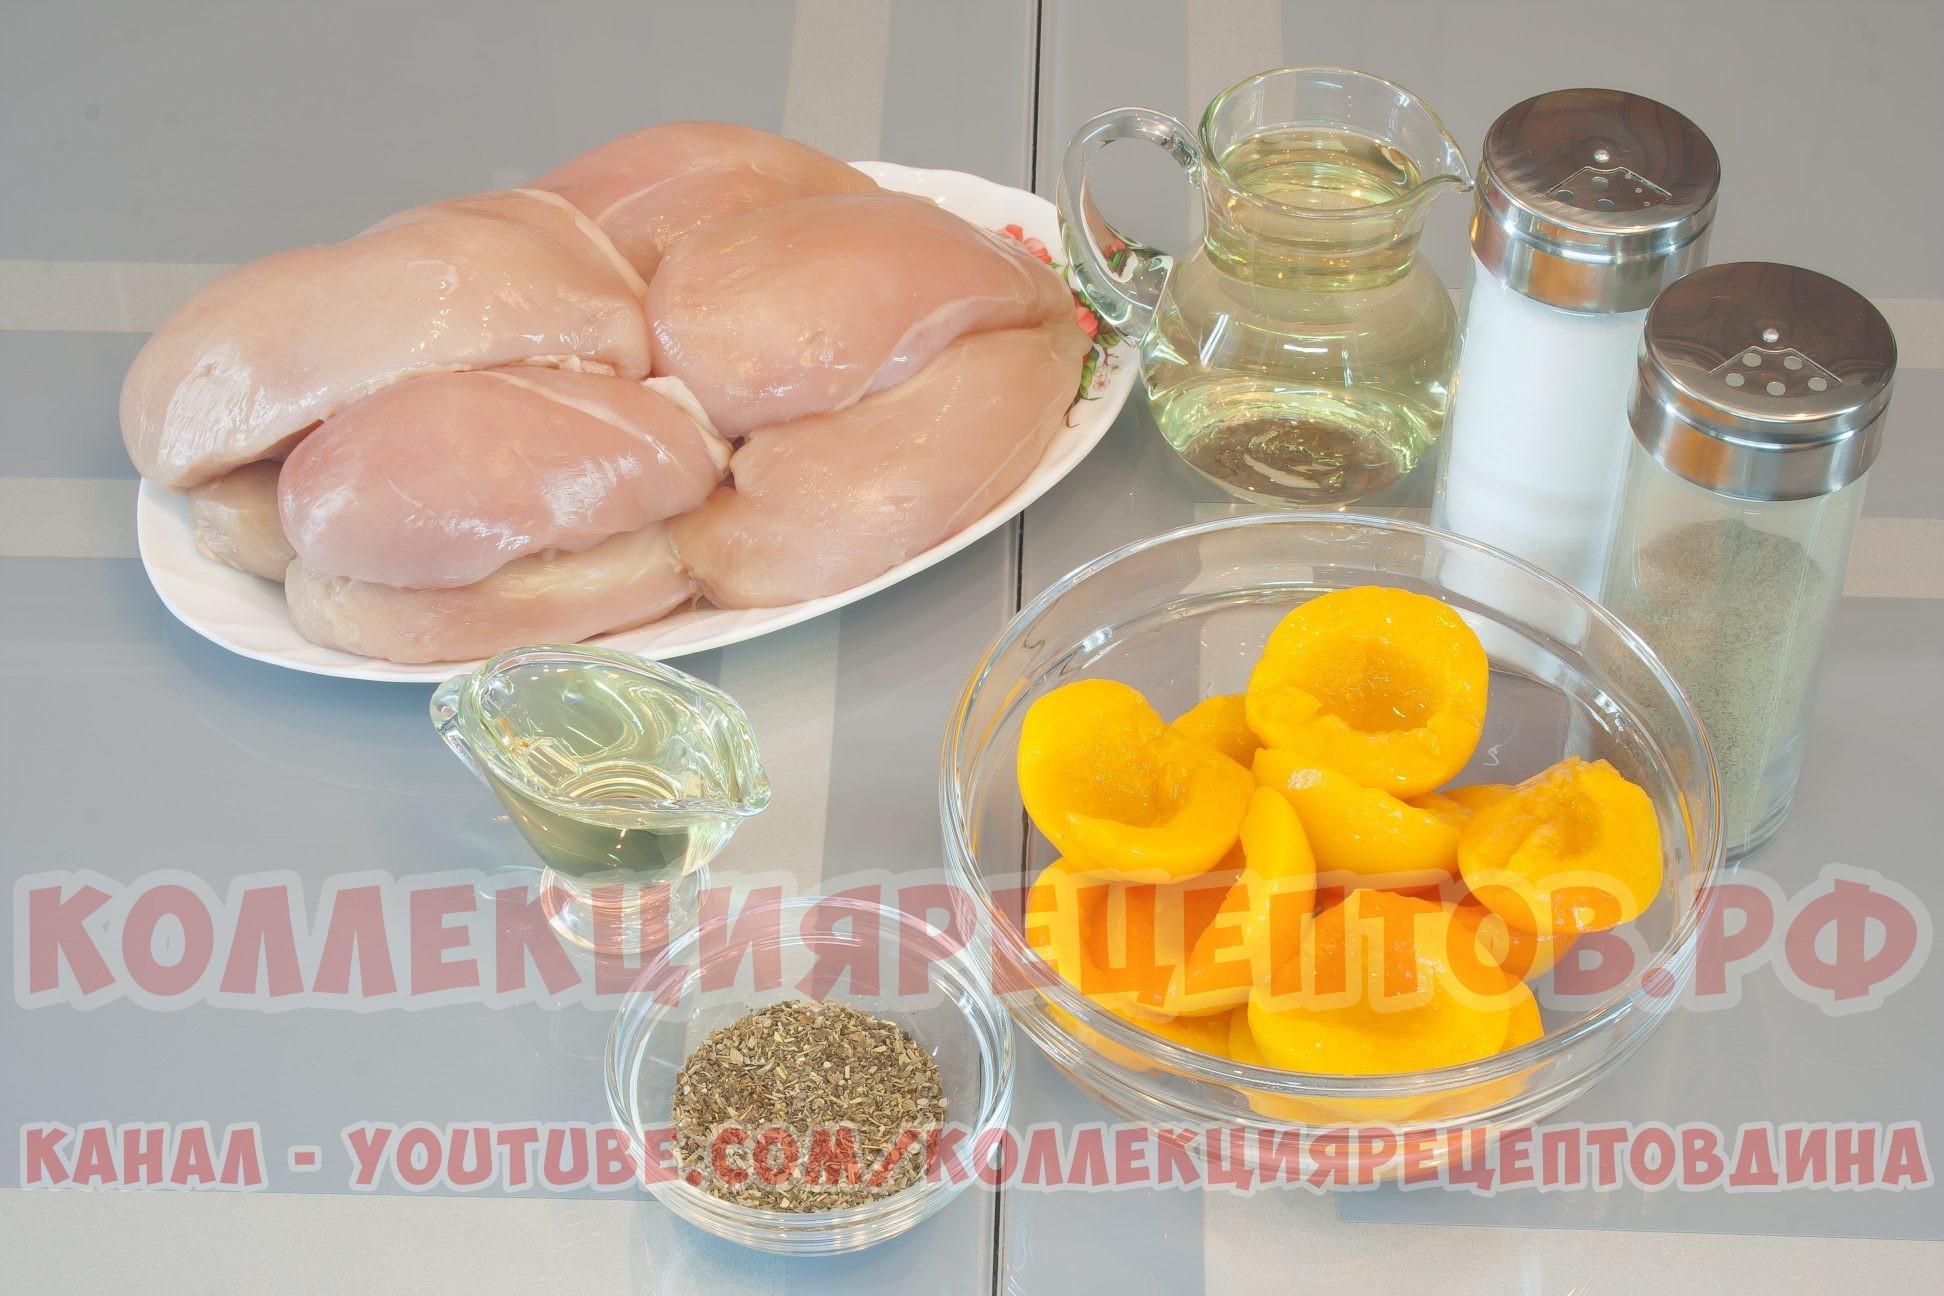 Рулетики из куриного филе с персиком в вине - Коллекция Рецептов